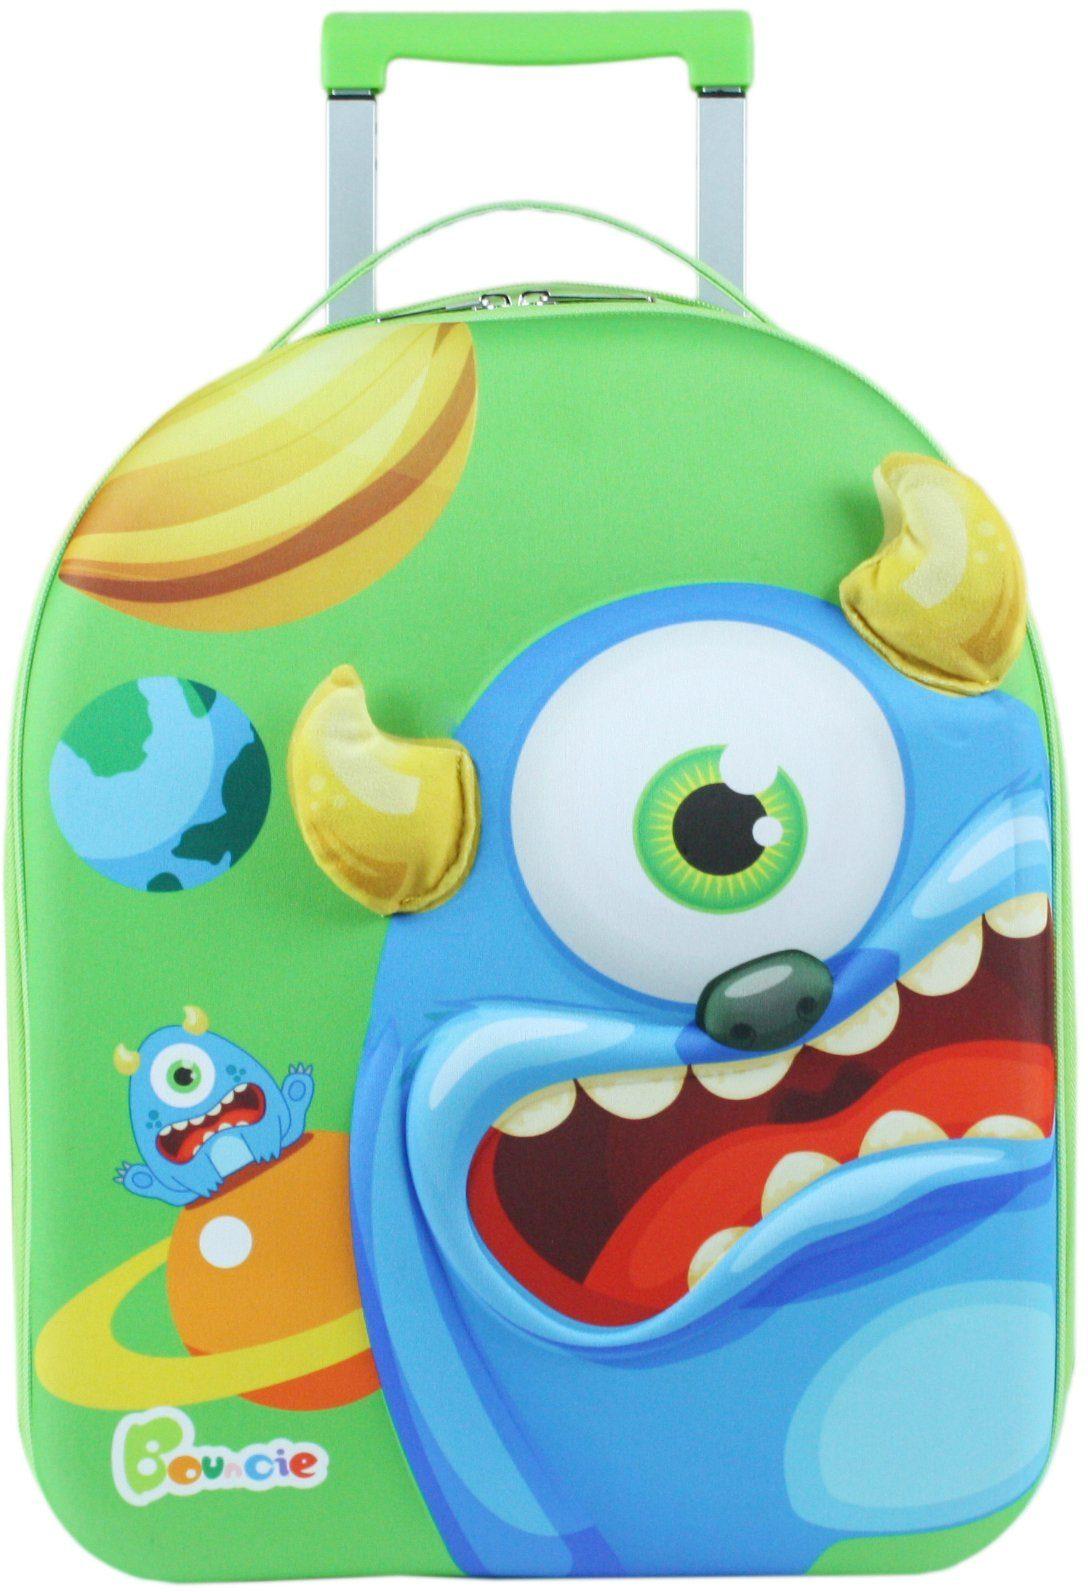 knorr toys Kinder Trolley, »Bouncie 3D Monster Blaubeere«